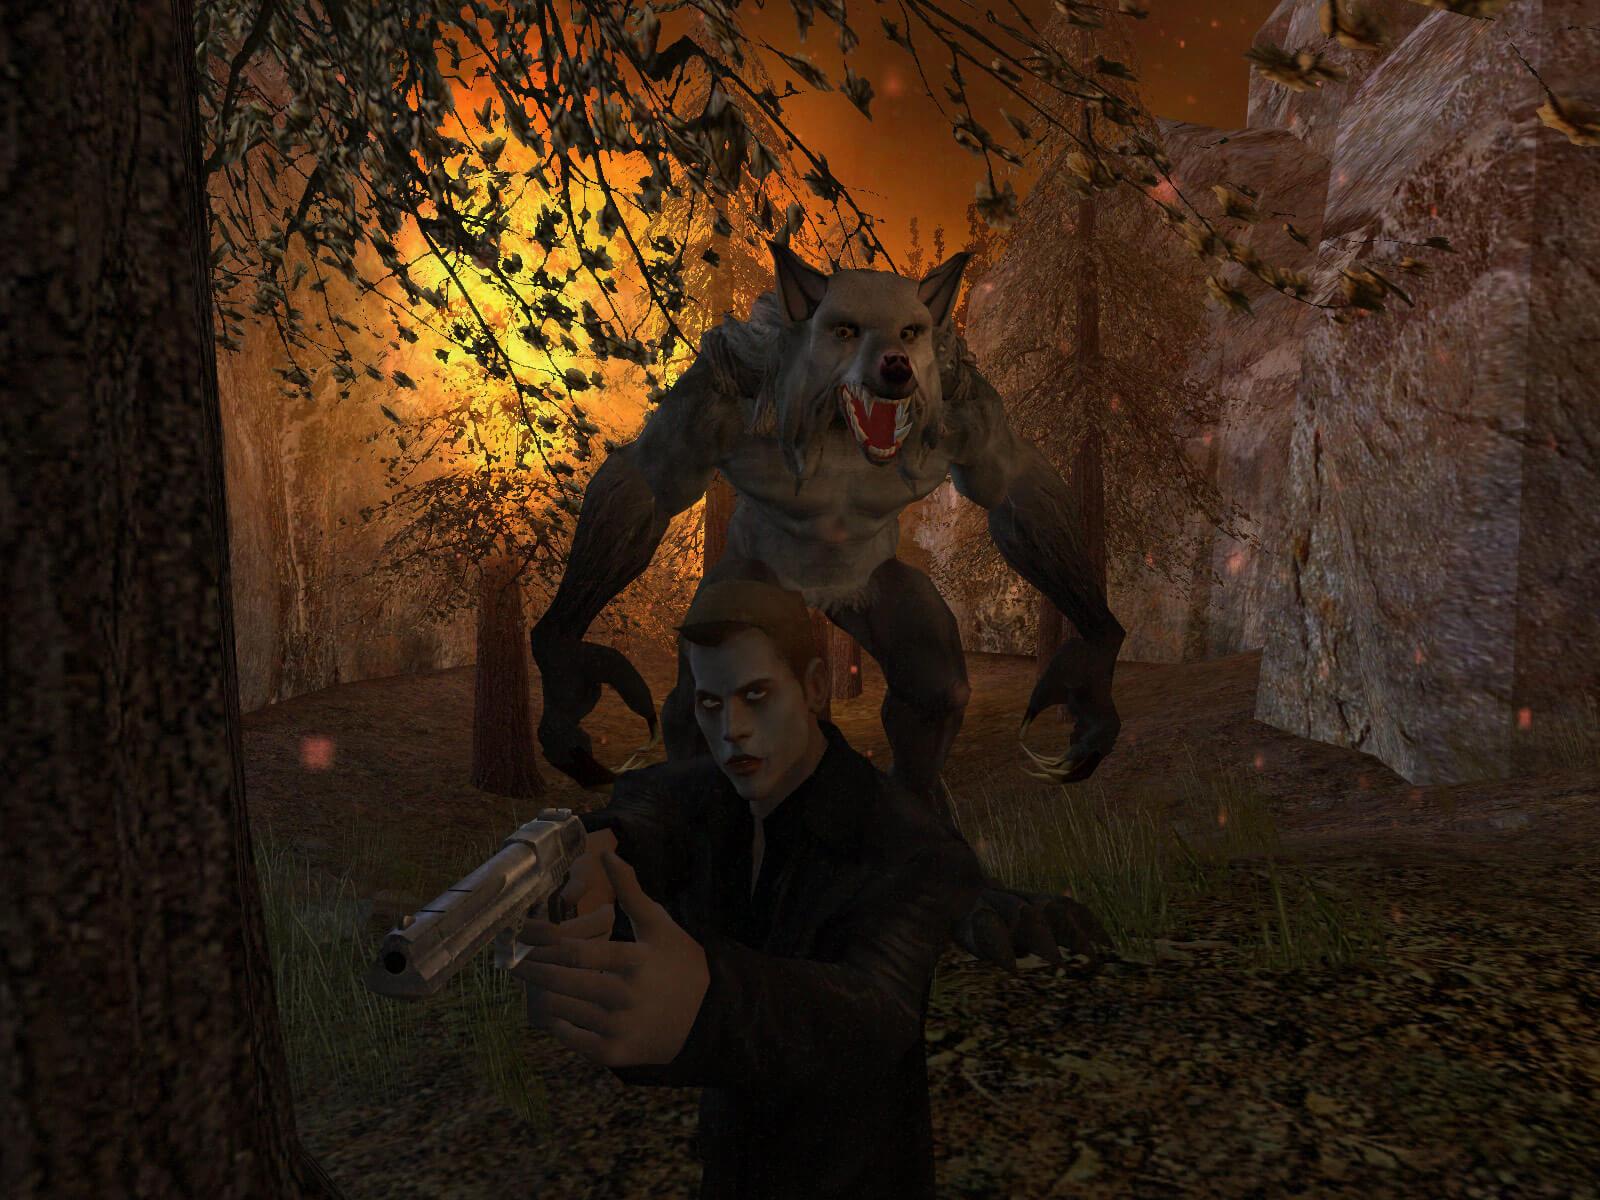 Vampire: The Masquerade - Bloodlines (Werewolf)